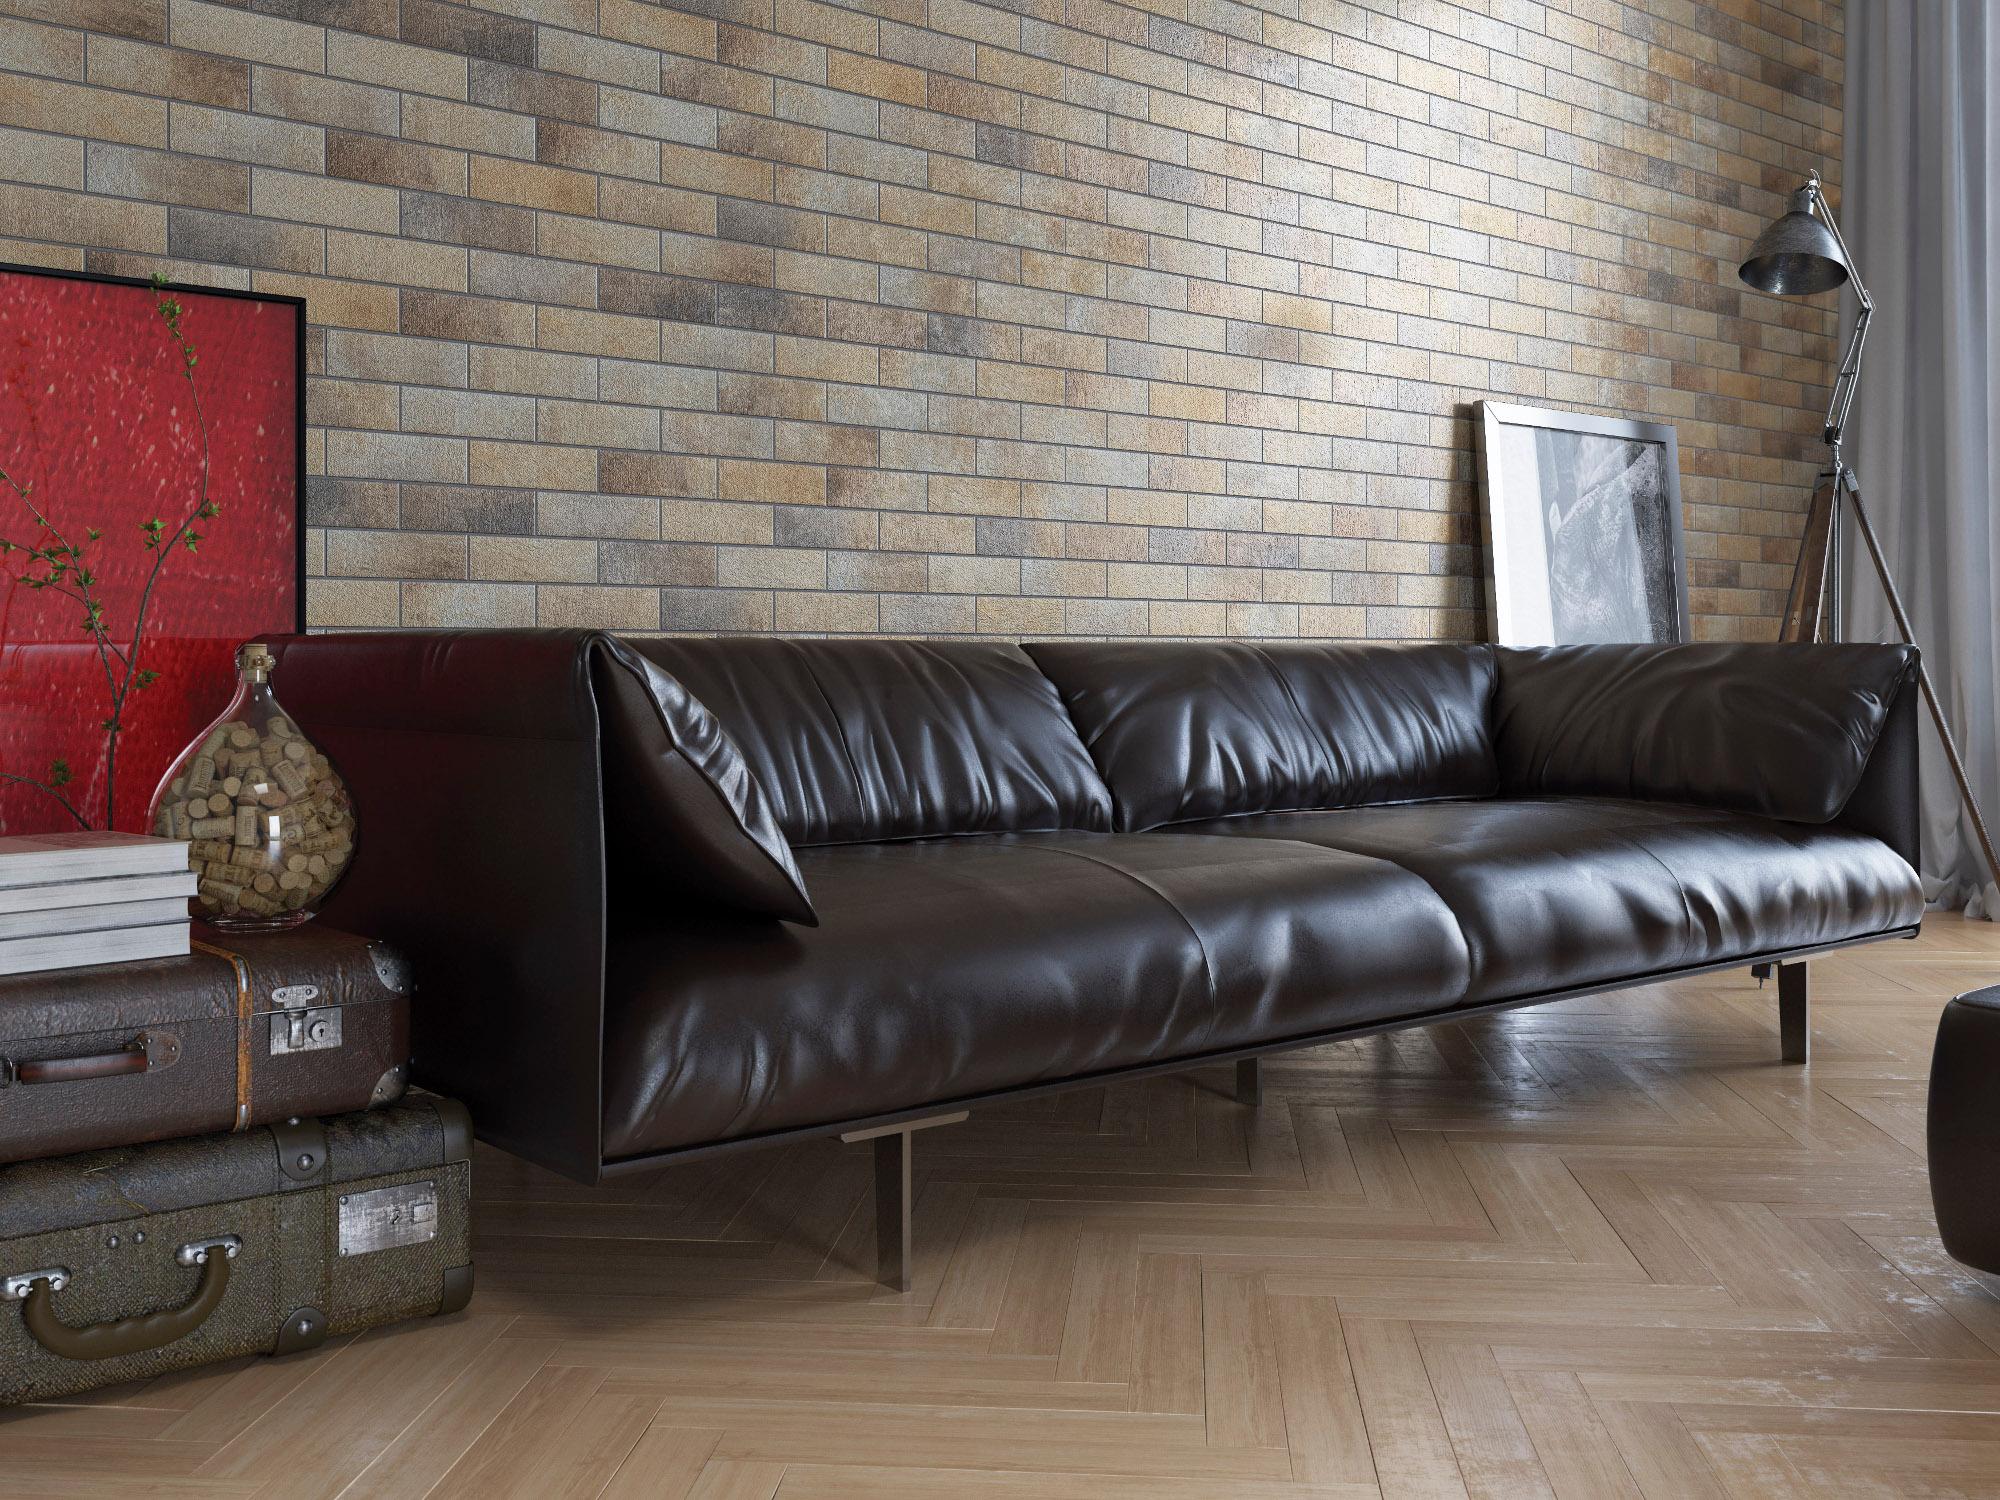 плитка фасадная польская фабрика Cerrad коллекция Loft Brick Masala